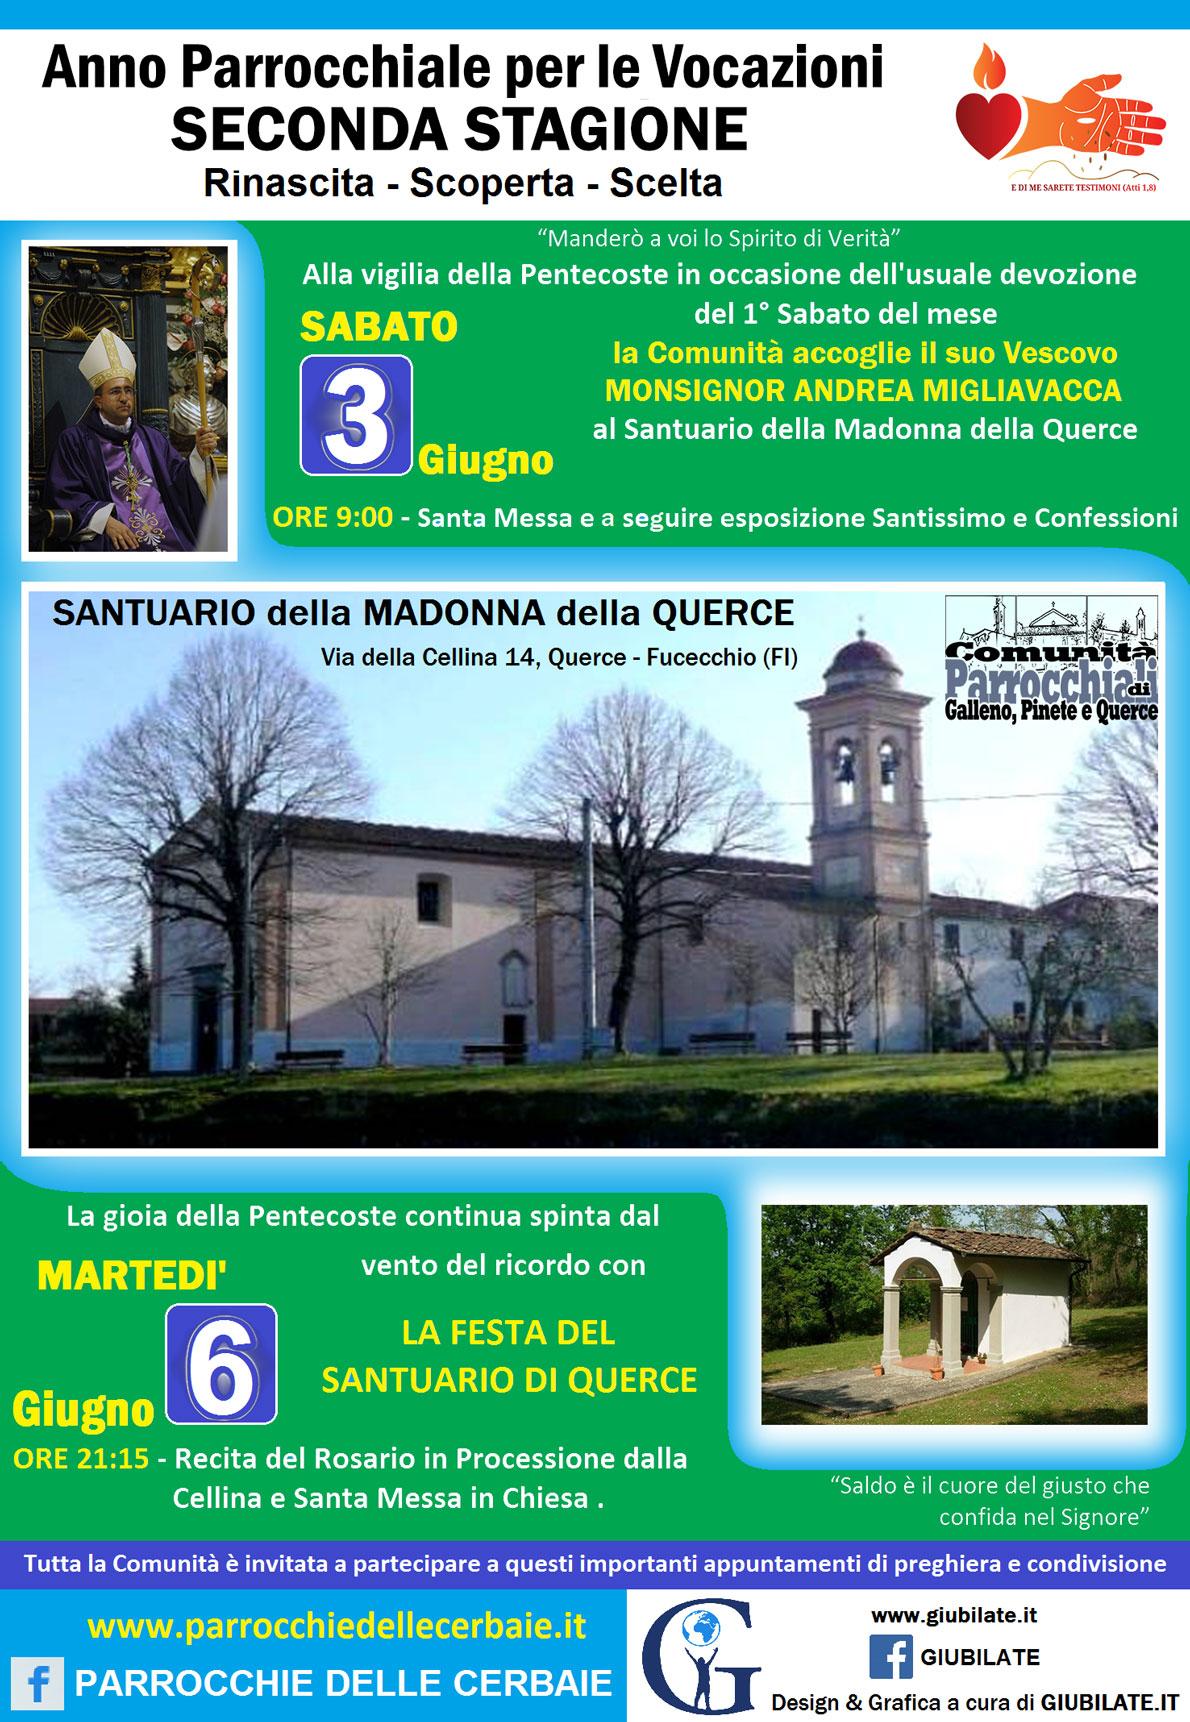 Pentecoste con il Vescovo Andrea Migliavacca al Santuario di Querce 3-6-2017